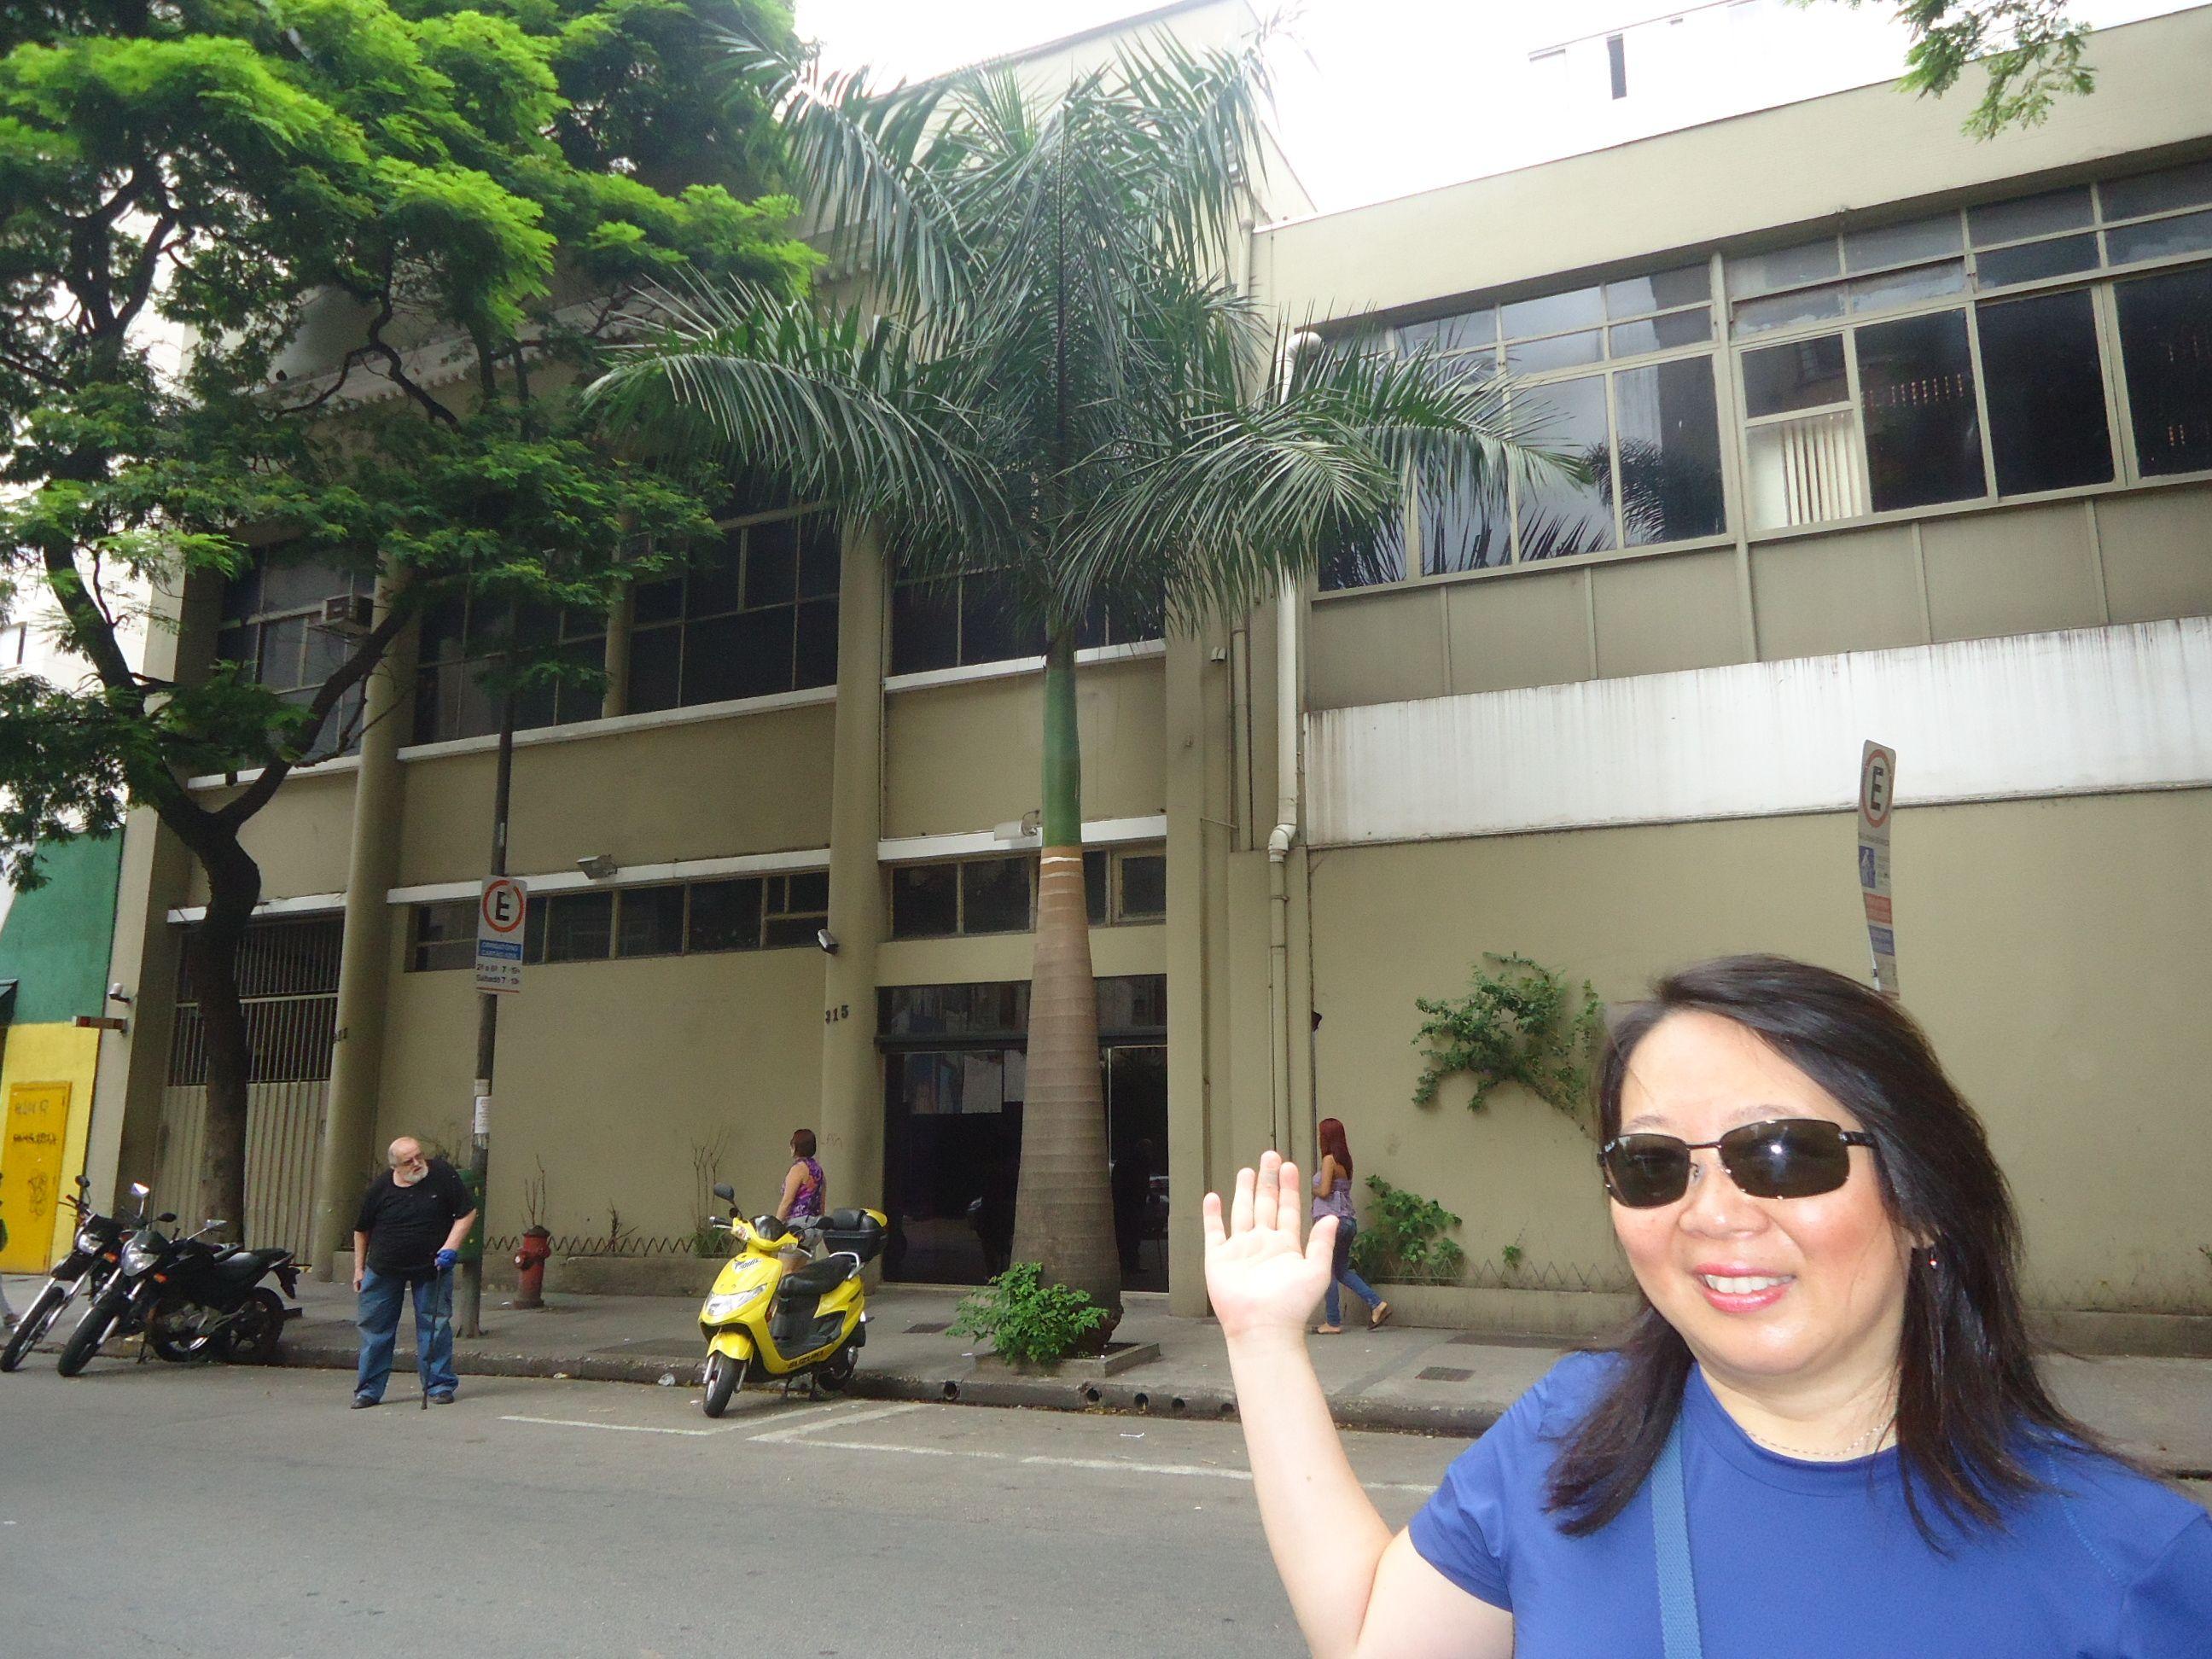 Aqui ficam a Rádio Globo e a Rádio CBN. A TV Globo São Paulo foi fundada em 1966, na Rua das Palmeiras, e lá ficou até ser transferida para a Praça Marechal Deodoro em 1969, devido a um incêndio.